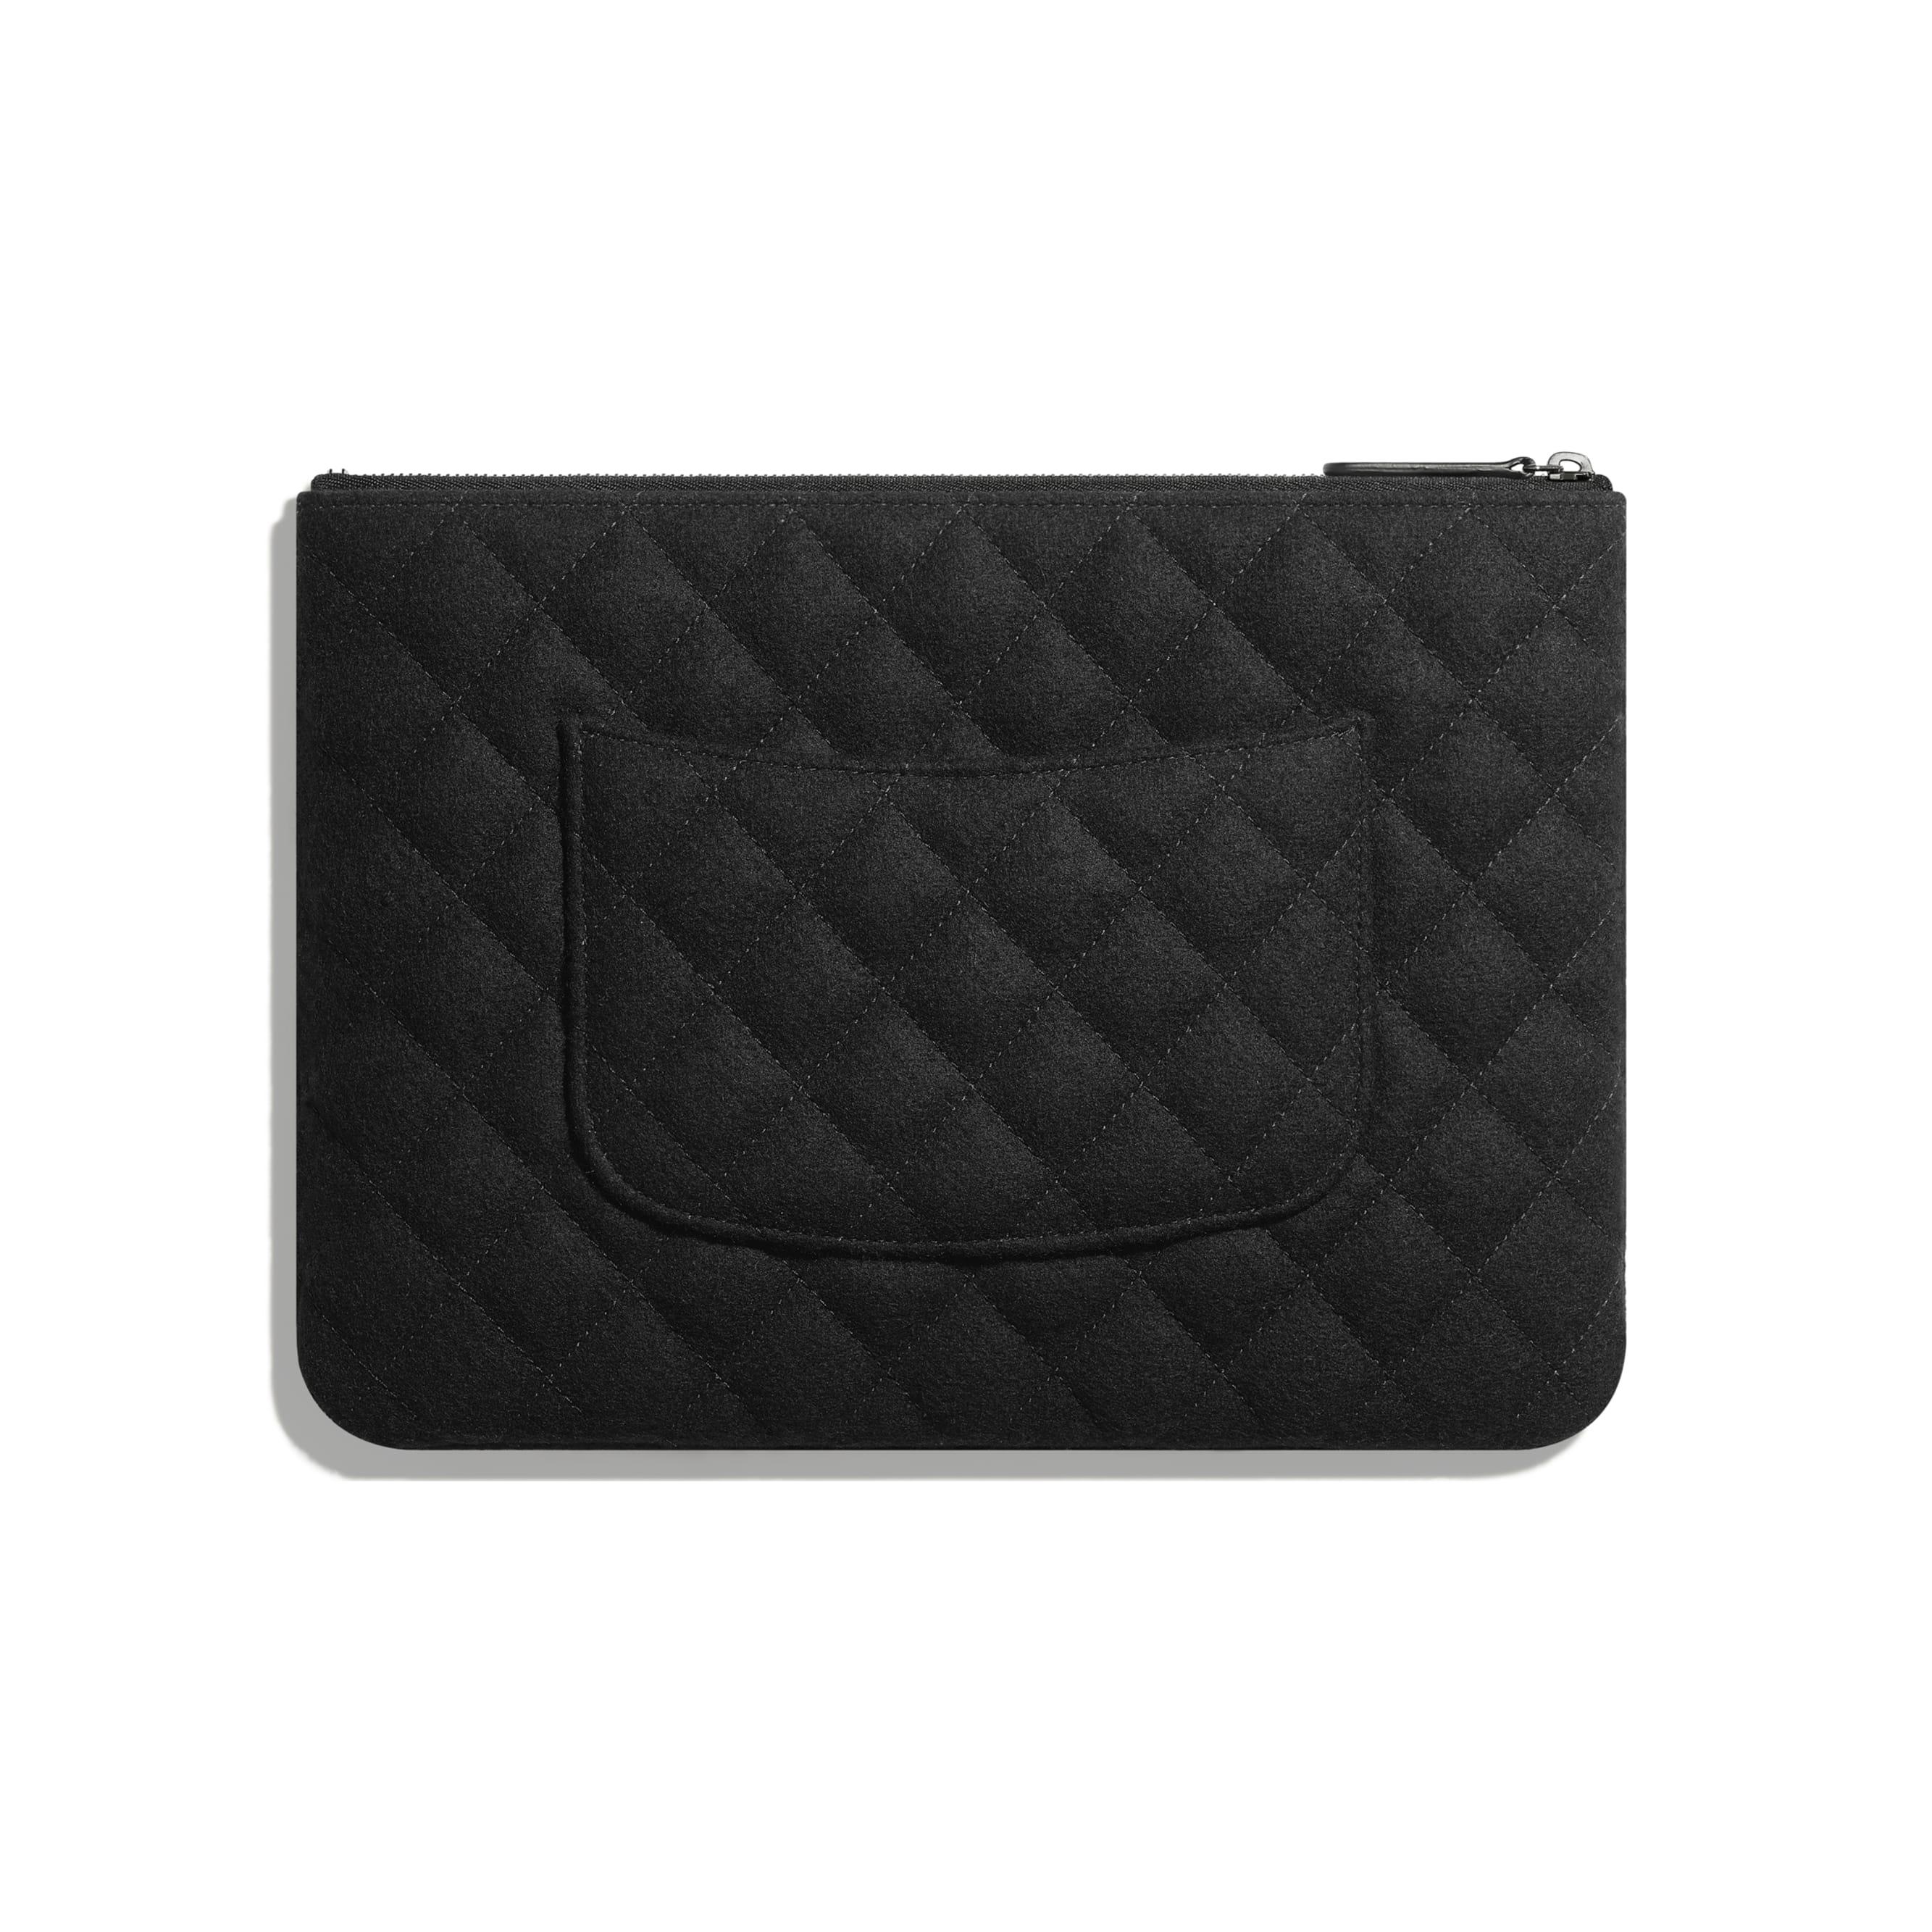 กระเป๋าเพาช์ - สีเงินและสีดำ - เลื่อม ใยขนแกะ และโลหะเคลือบรูทีเนียม - มุมมองทางอื่น - ดูเวอร์ชันขนาดมาตรฐาน